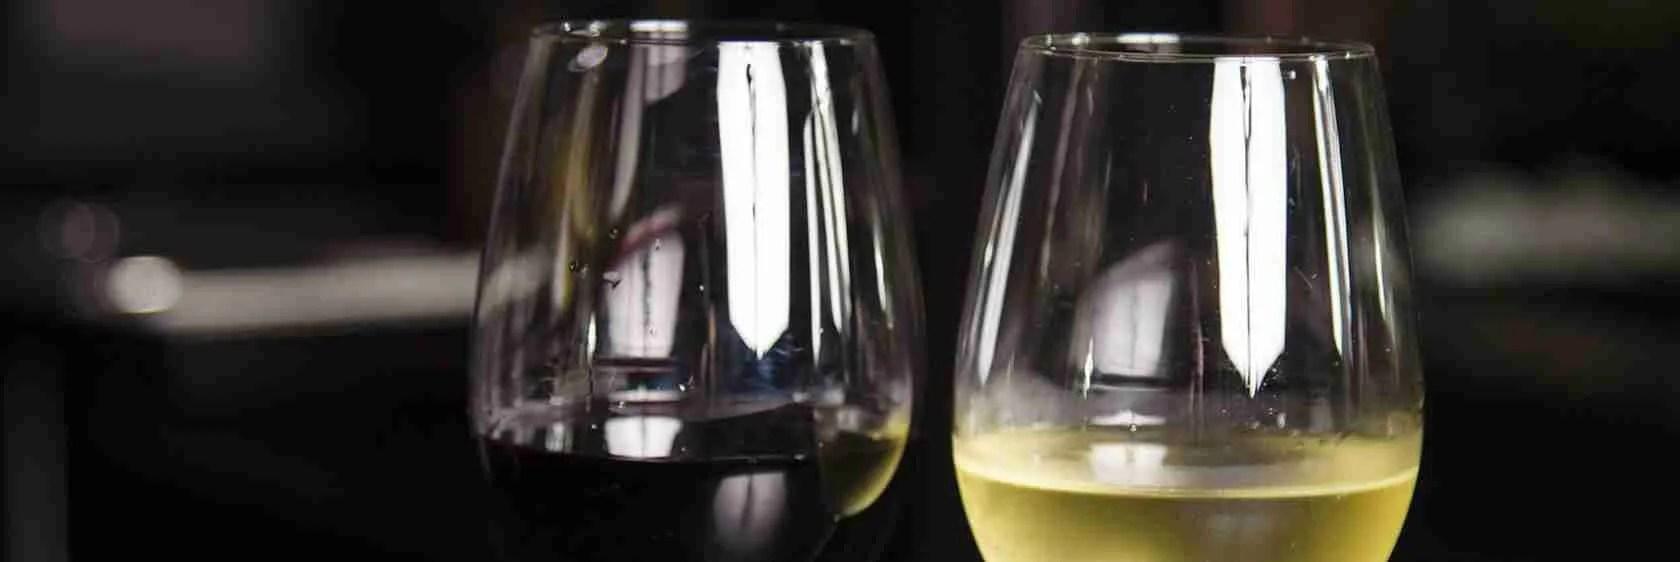 L'aperitivo delle escort Udine è il tajùt, un calice di vino rosso o bianco della zona friulana.